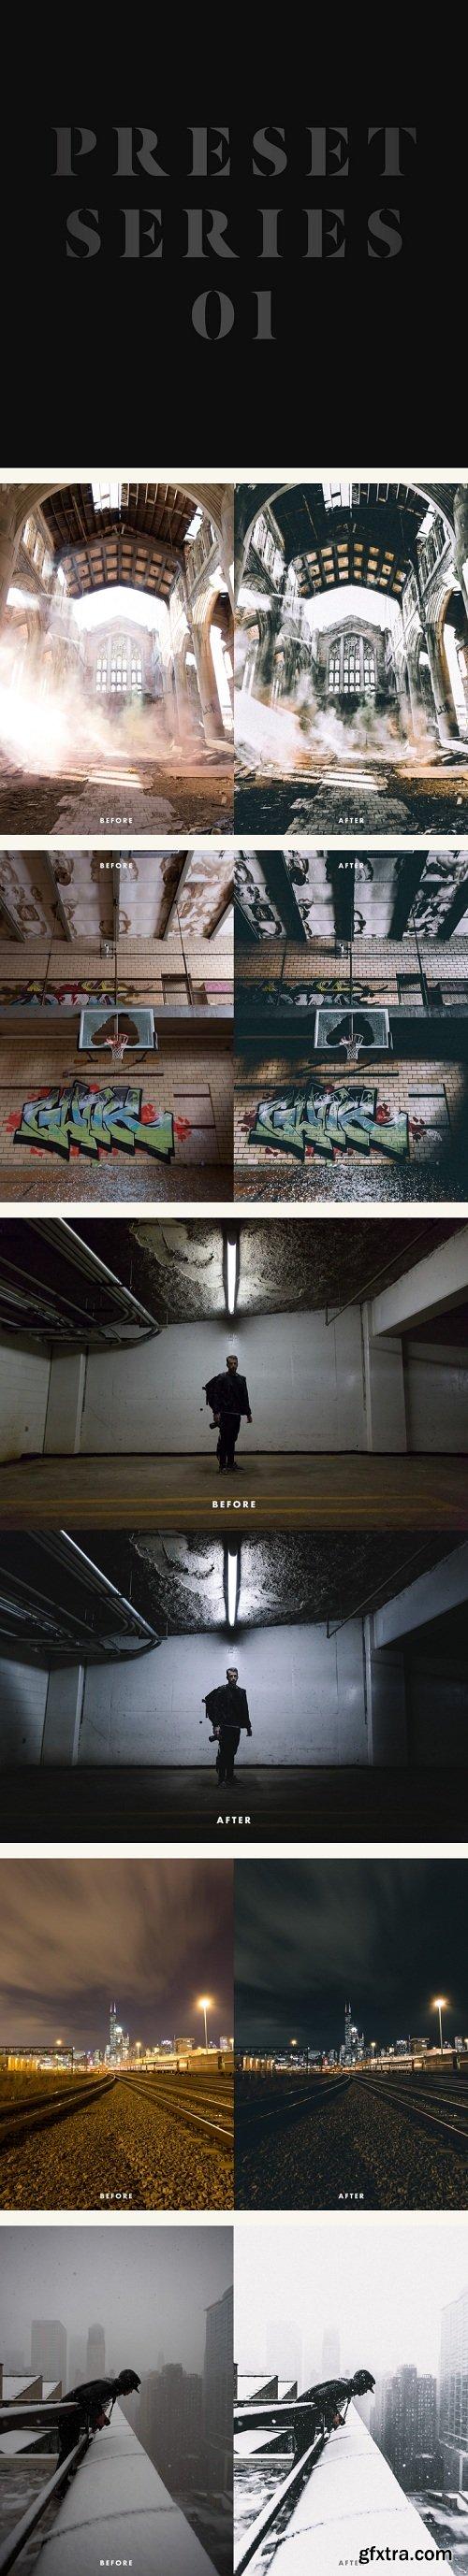 Vince Desantiago Photography - Preset Series 01